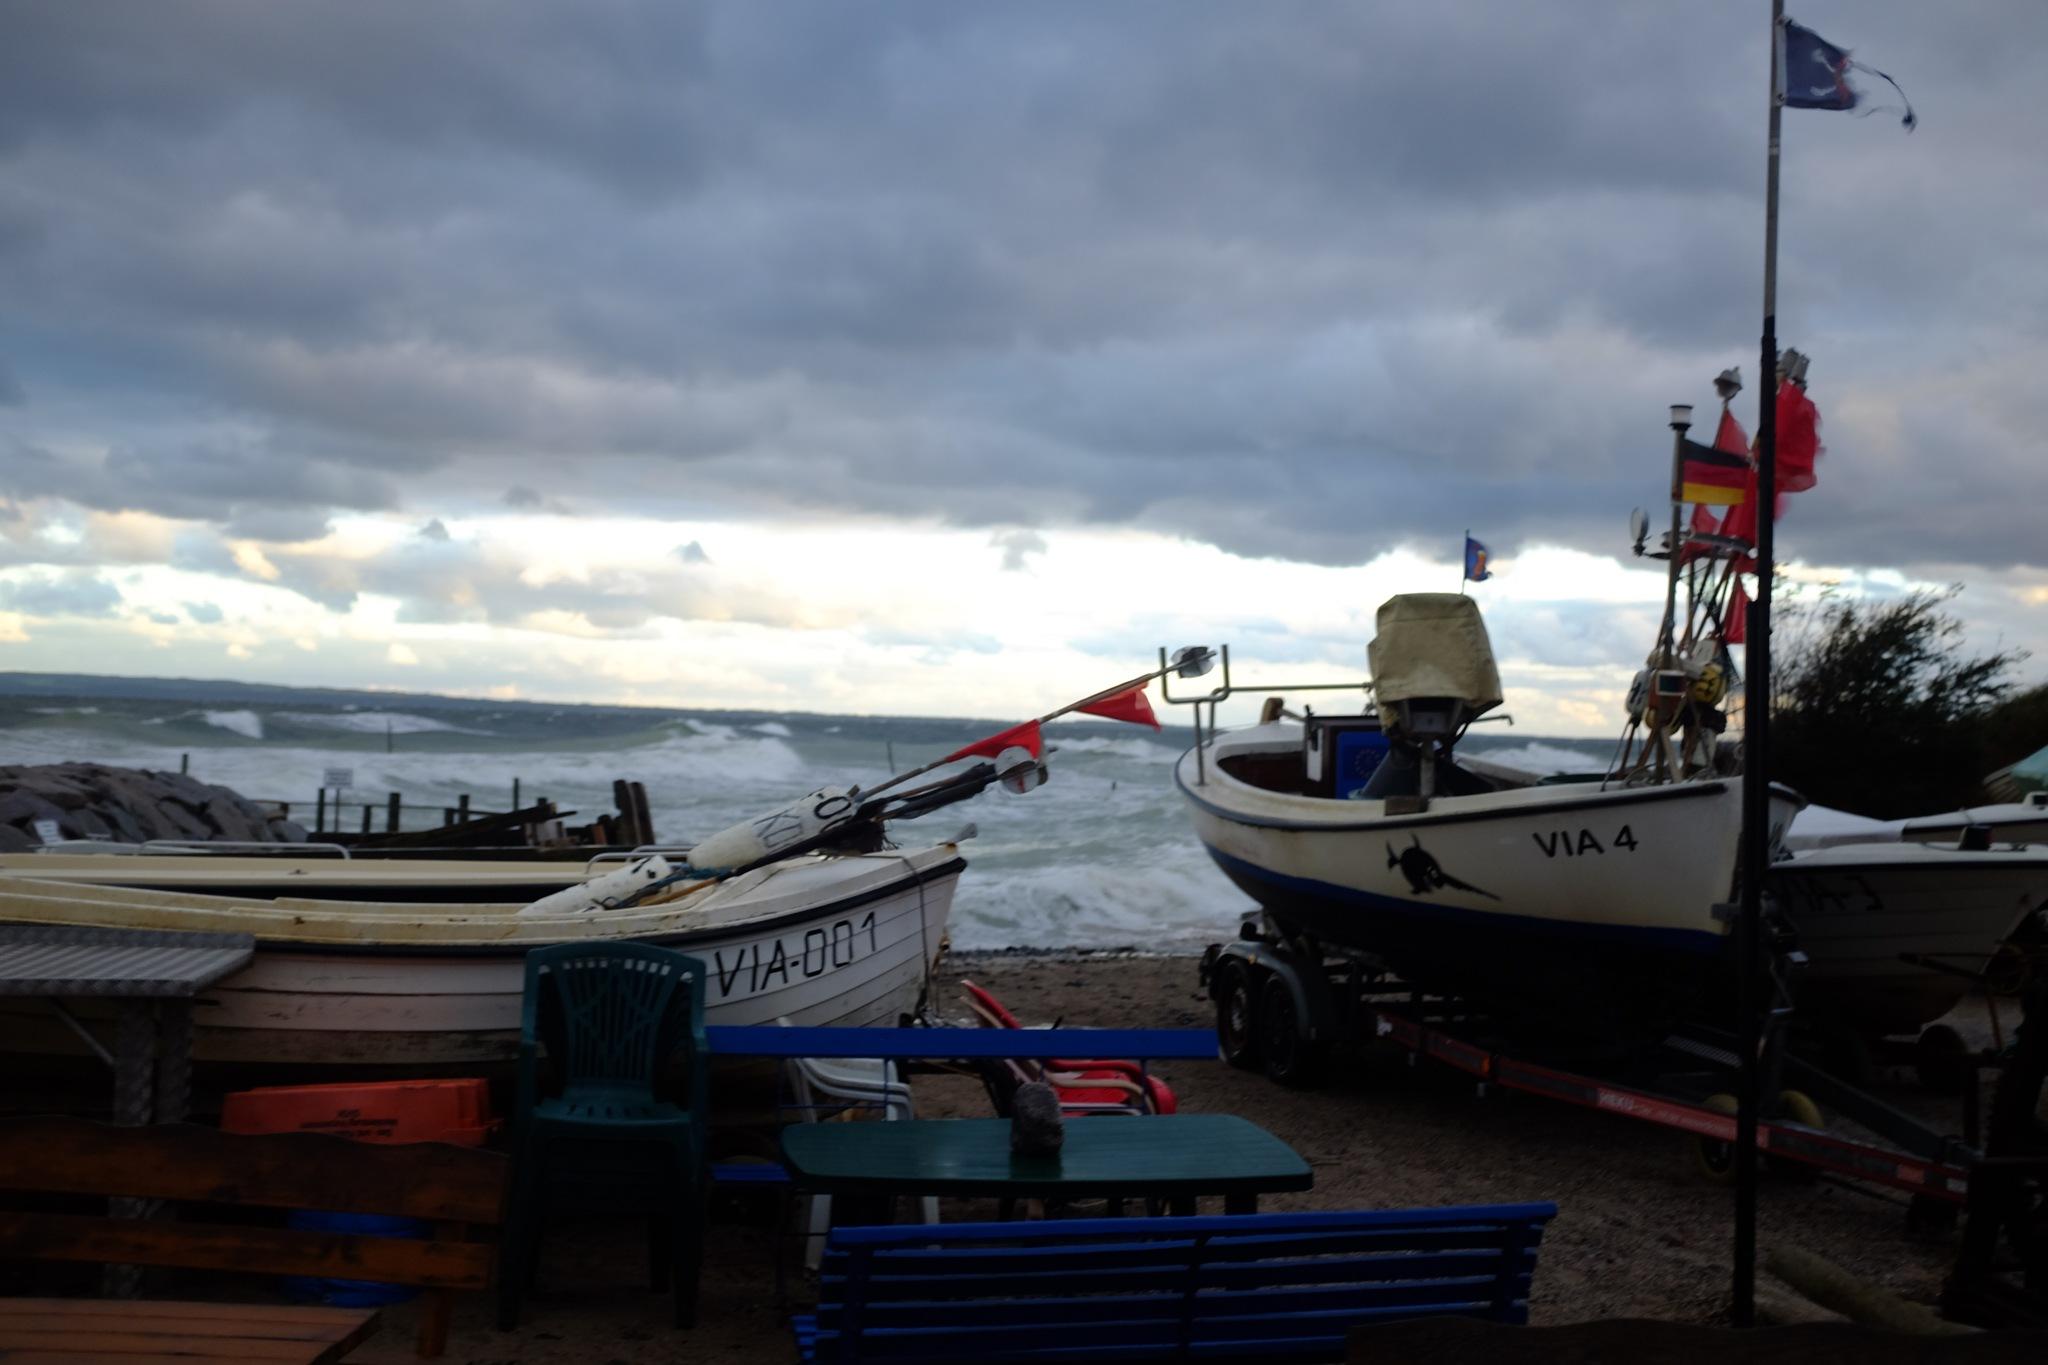 Am Meer by peterkryzun